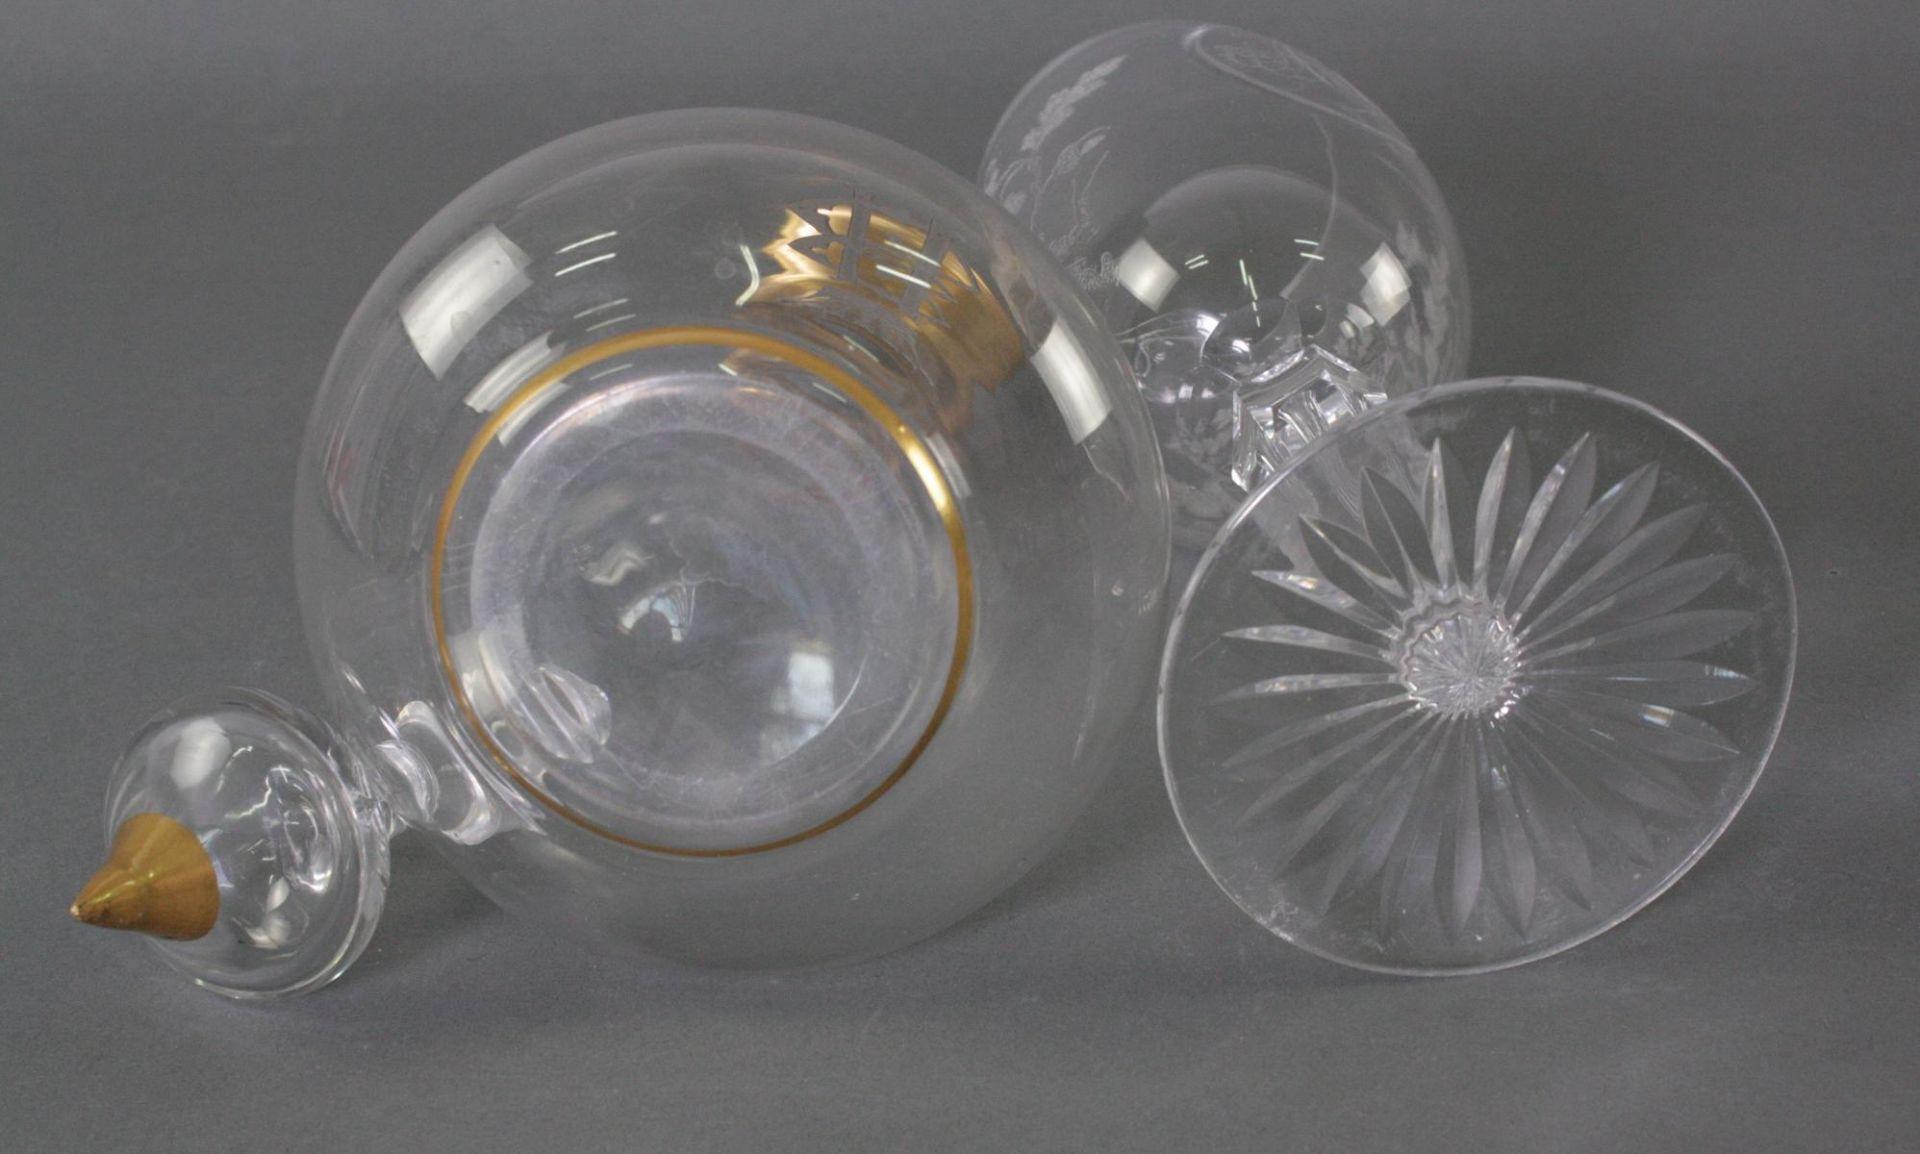 Glas Karaffe und Pokal - Bild 4 aus 6